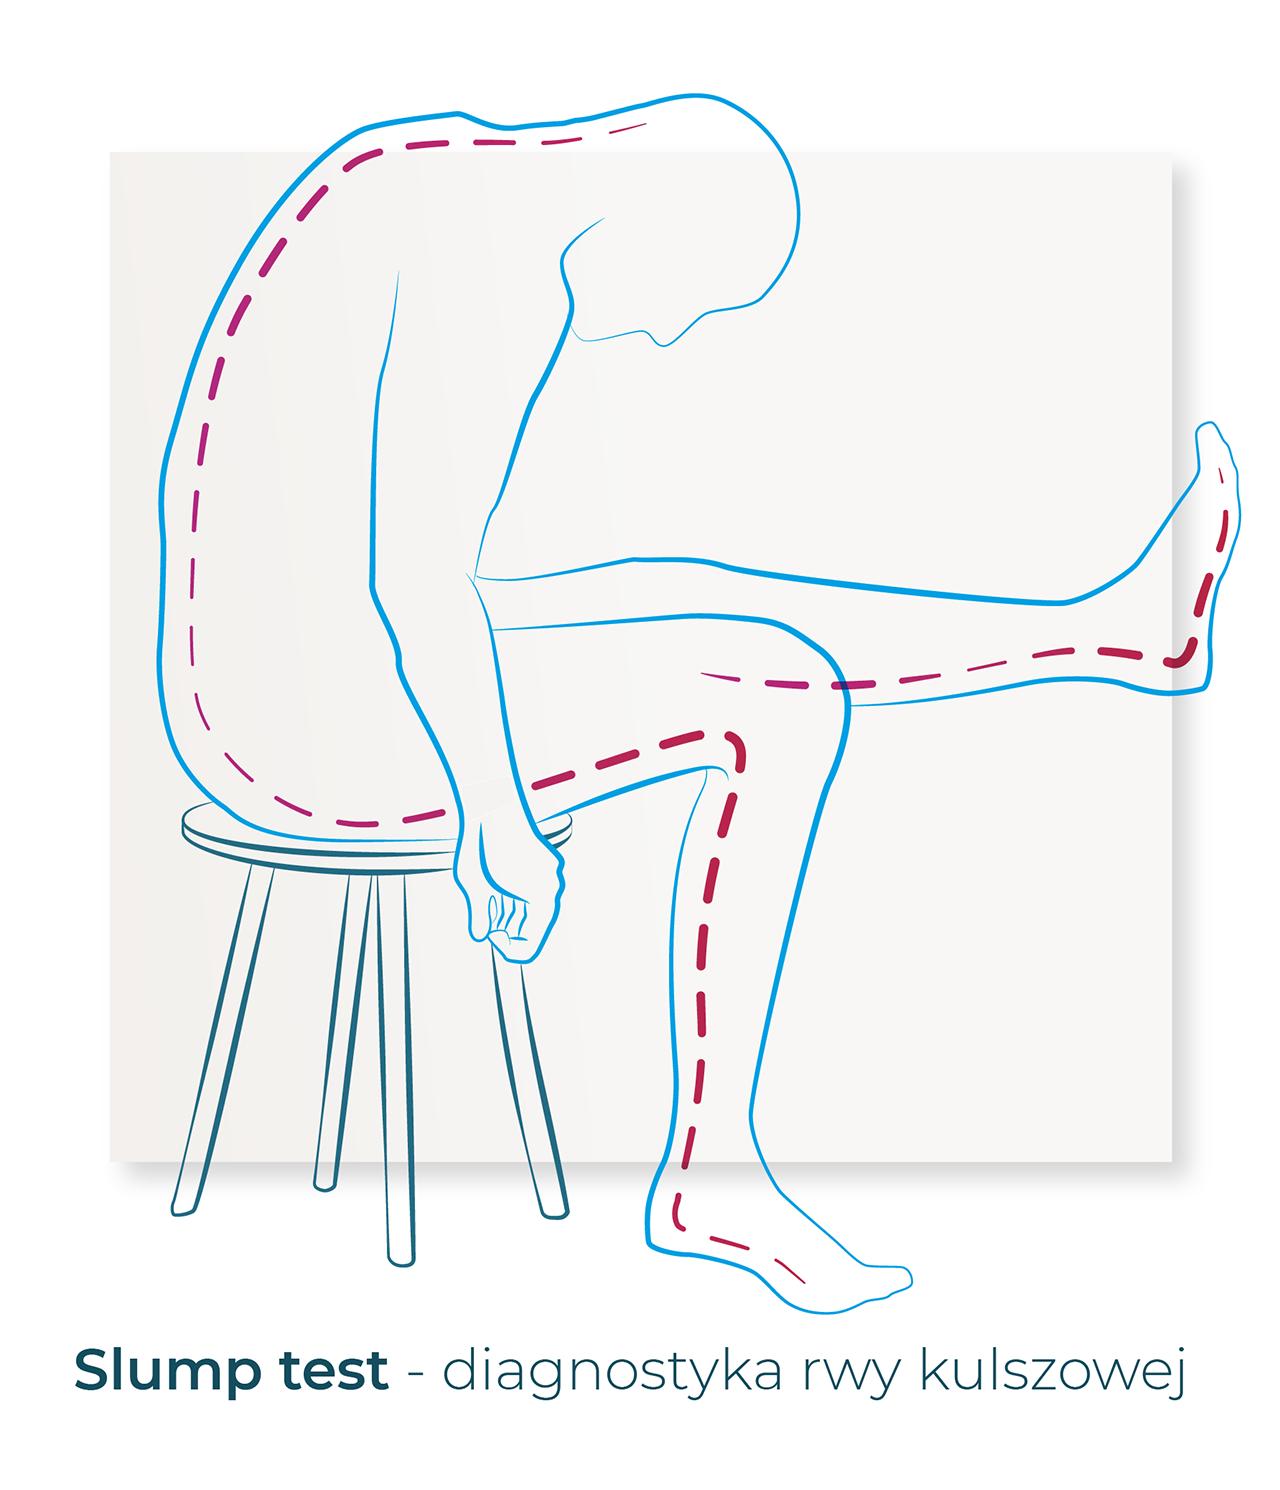 slump test diagnostyka rwy kulszowej